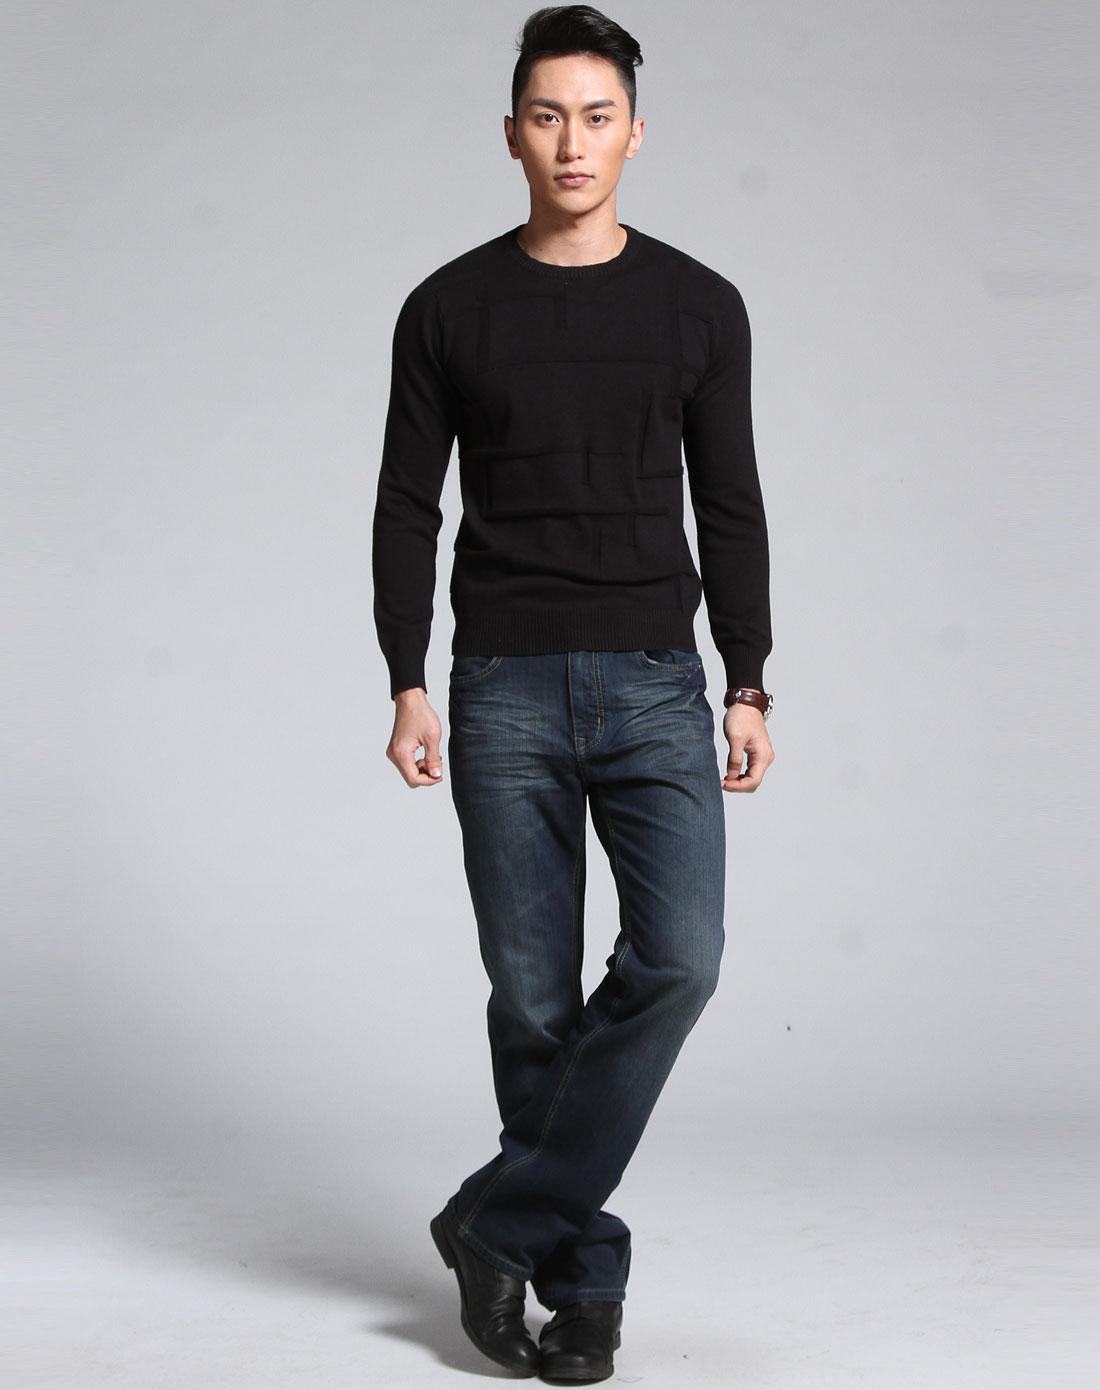 > 黑色圆领长袖套头针织衫